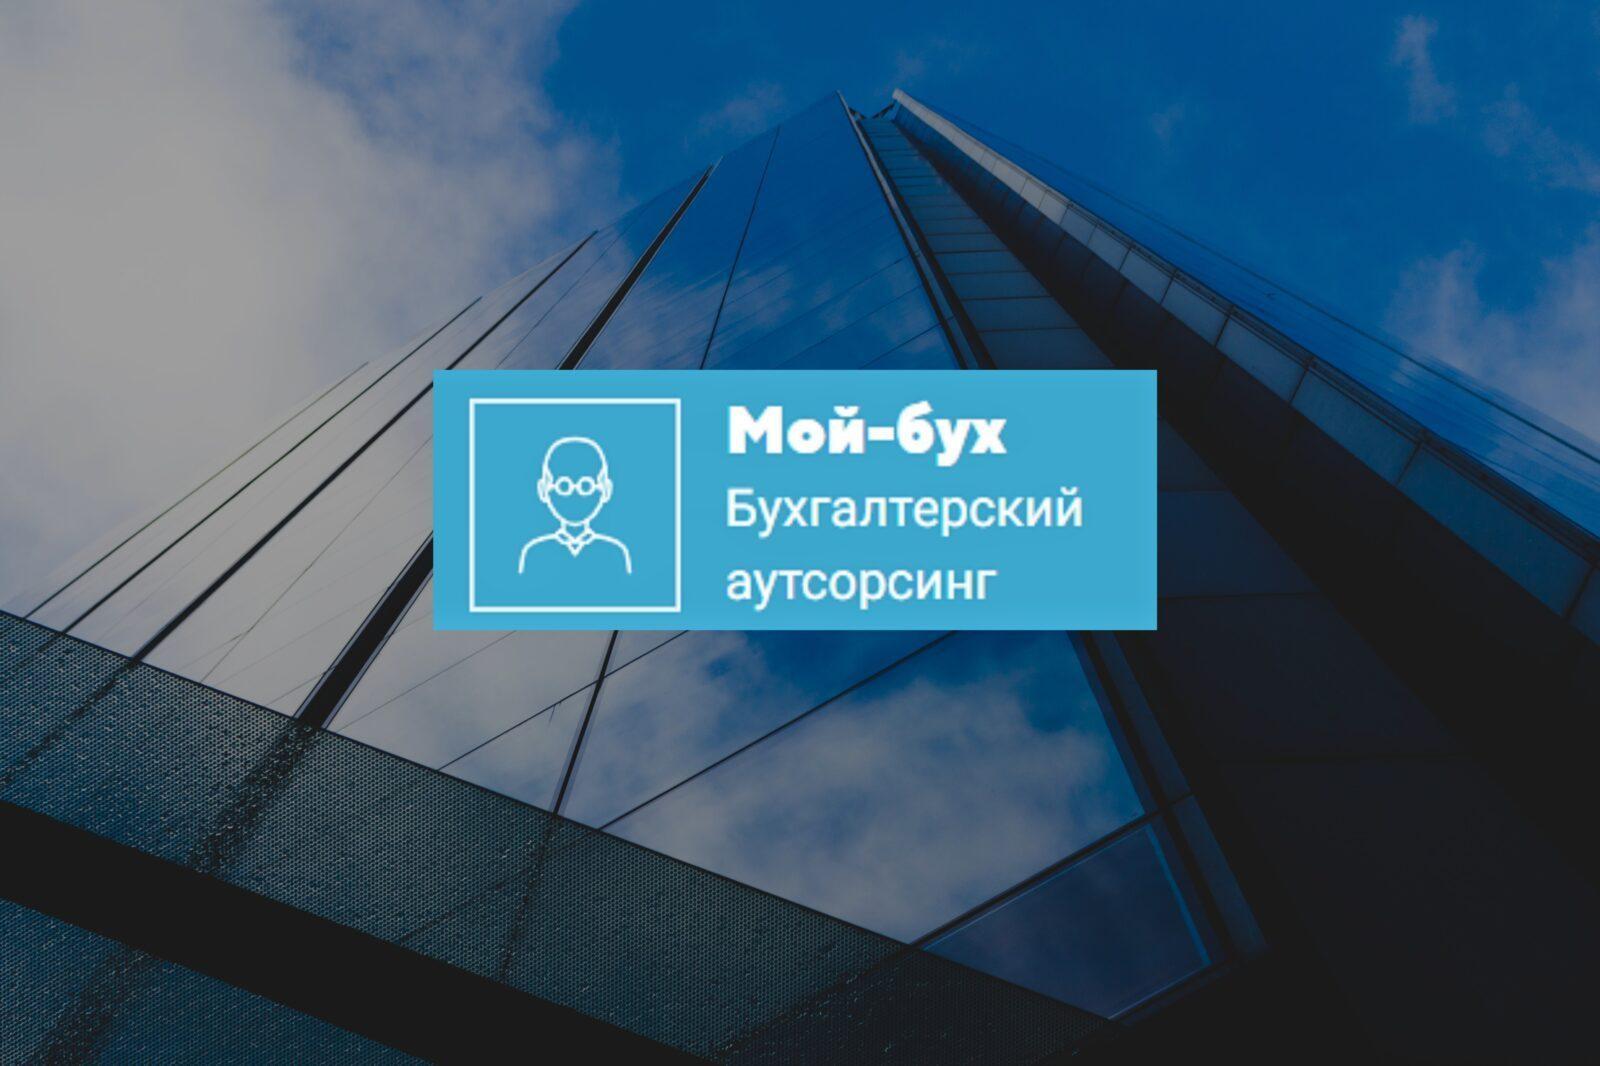 Продвижение бухгалтерских услуг для организации Мой-бух